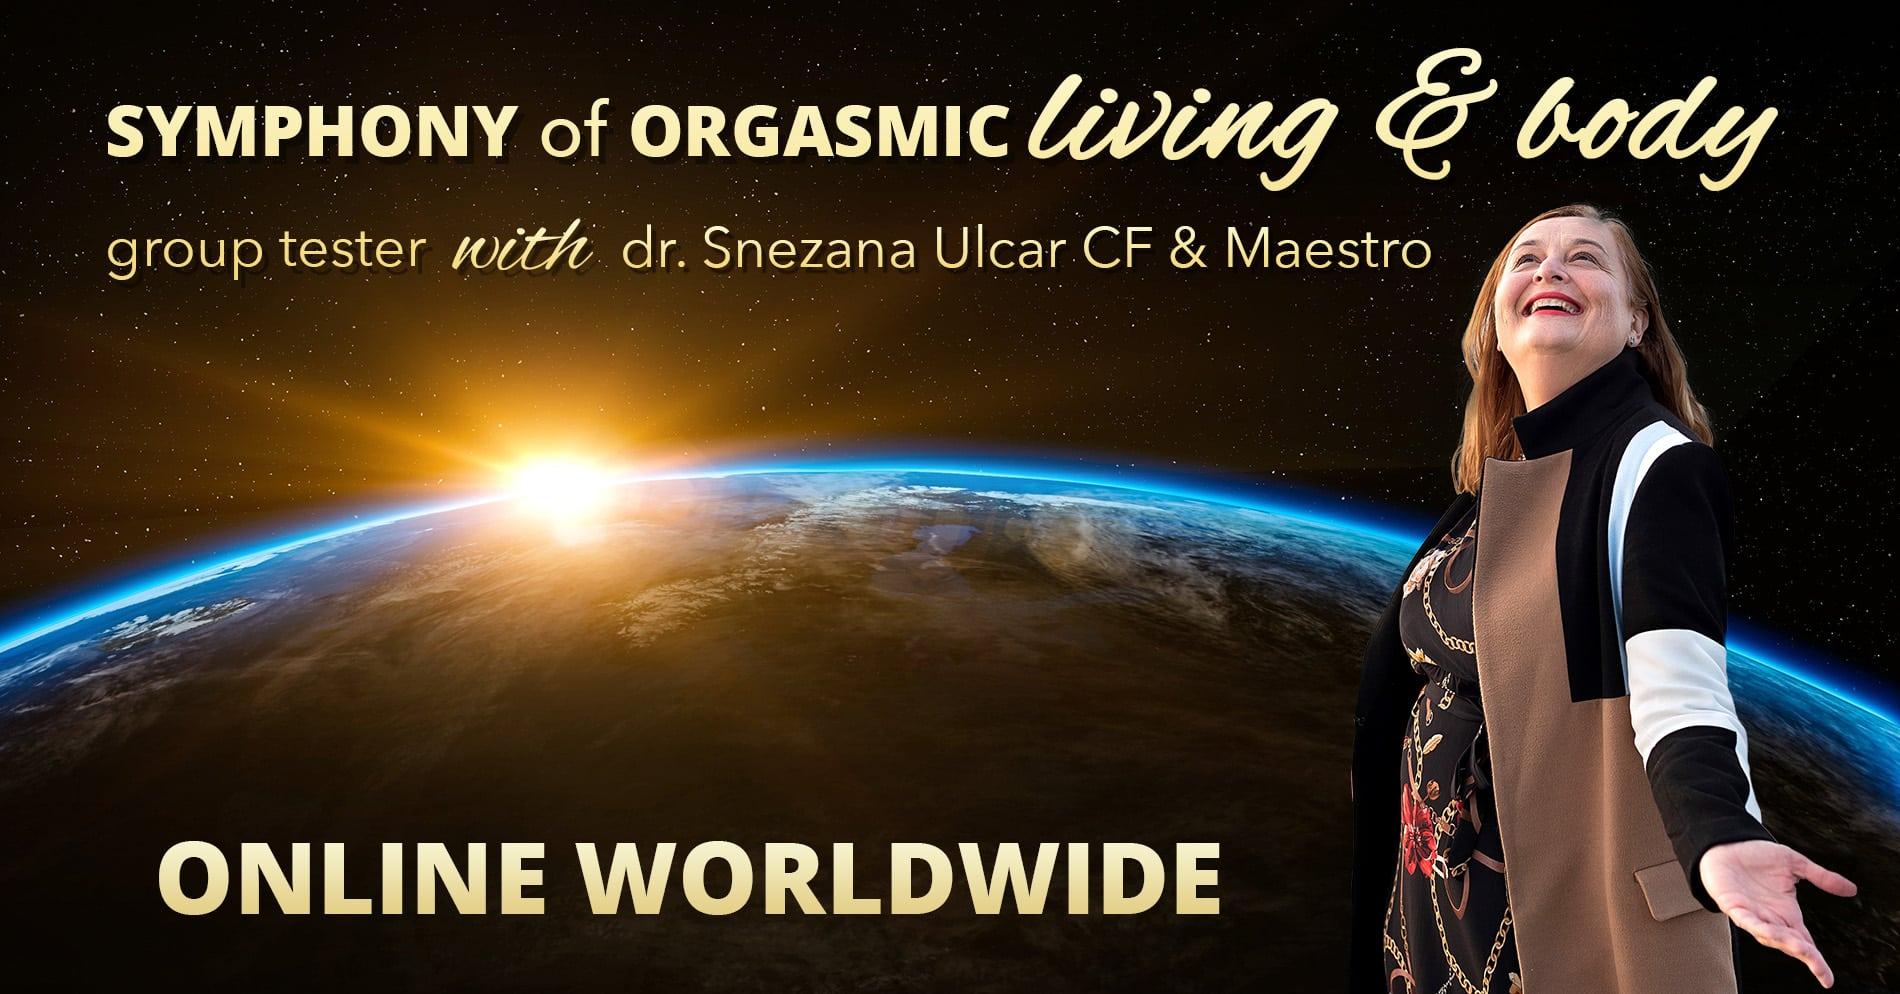 Simfonija orgazmičnega življenja in telesa, 22.4.2020, 20:00